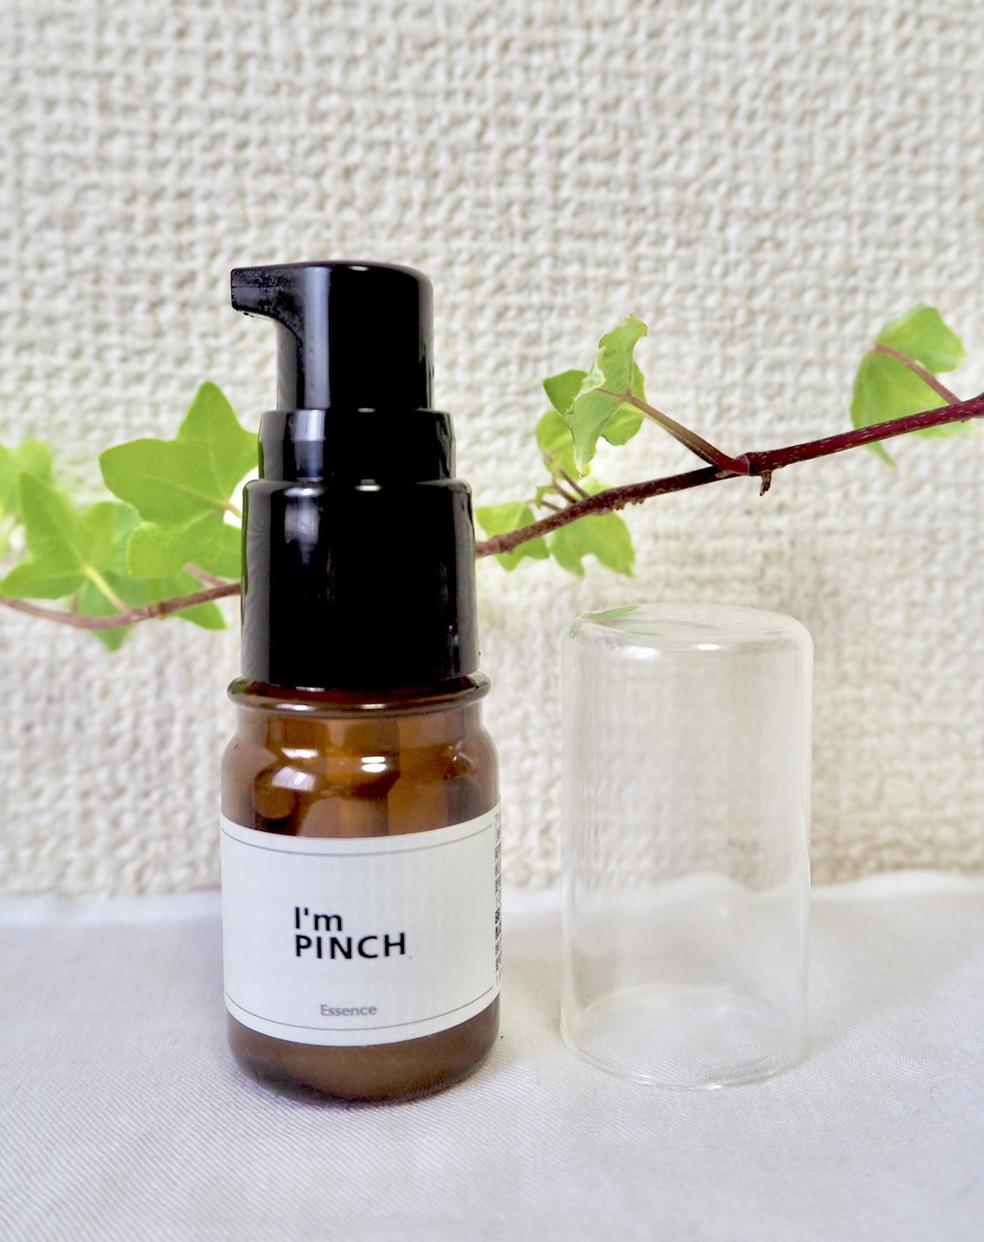 I'm PINCH(アイムピンチ) 美肌養液 I'm PINCHを使ったchinamiさんのクチコミ画像2